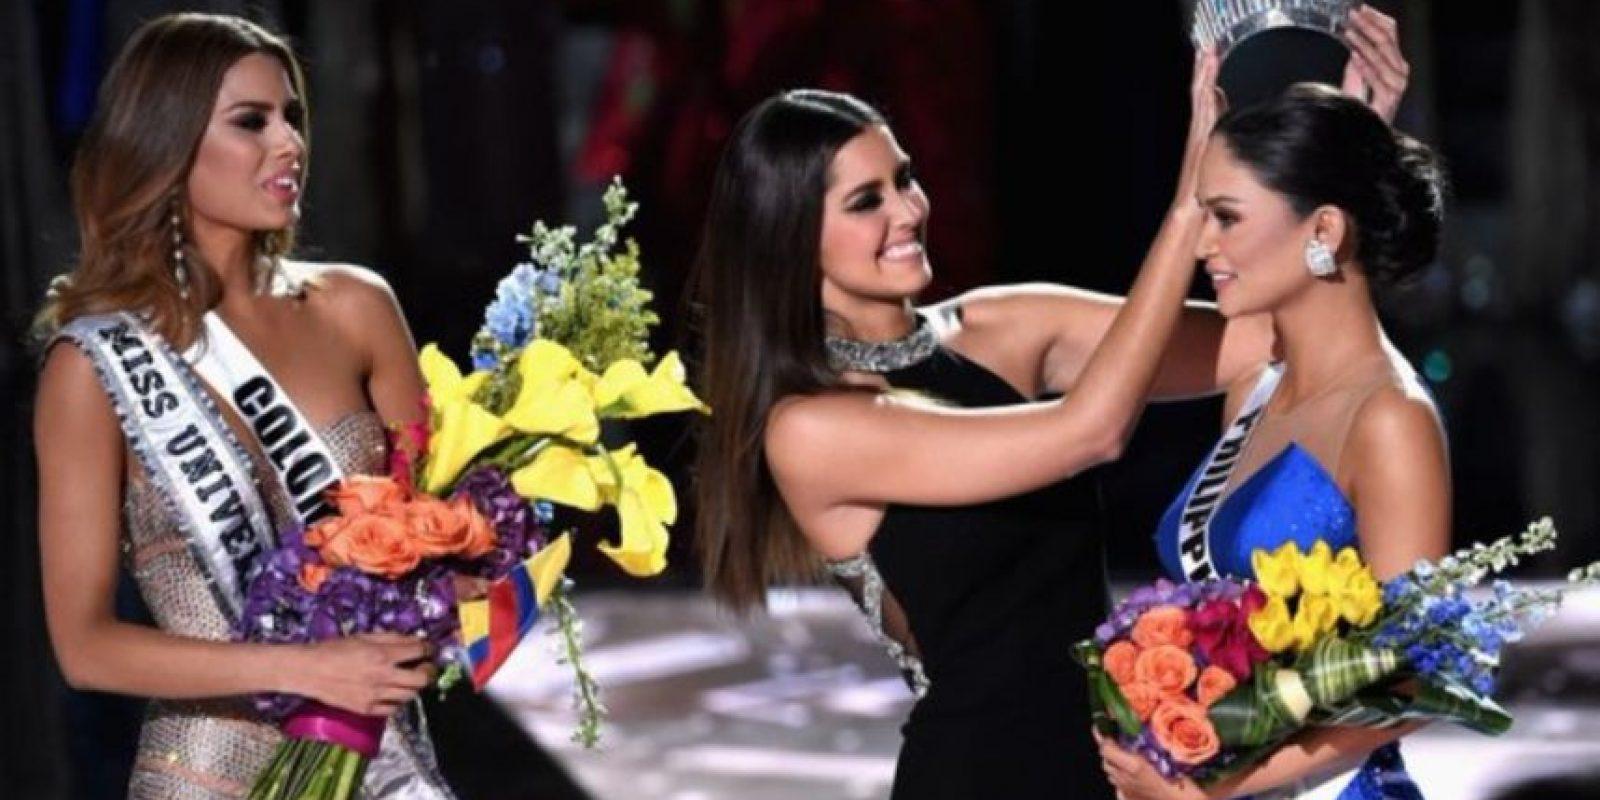 Así reaccionó al momento en el que le pusieron la corona a Pia. Foto:Vía Twitter